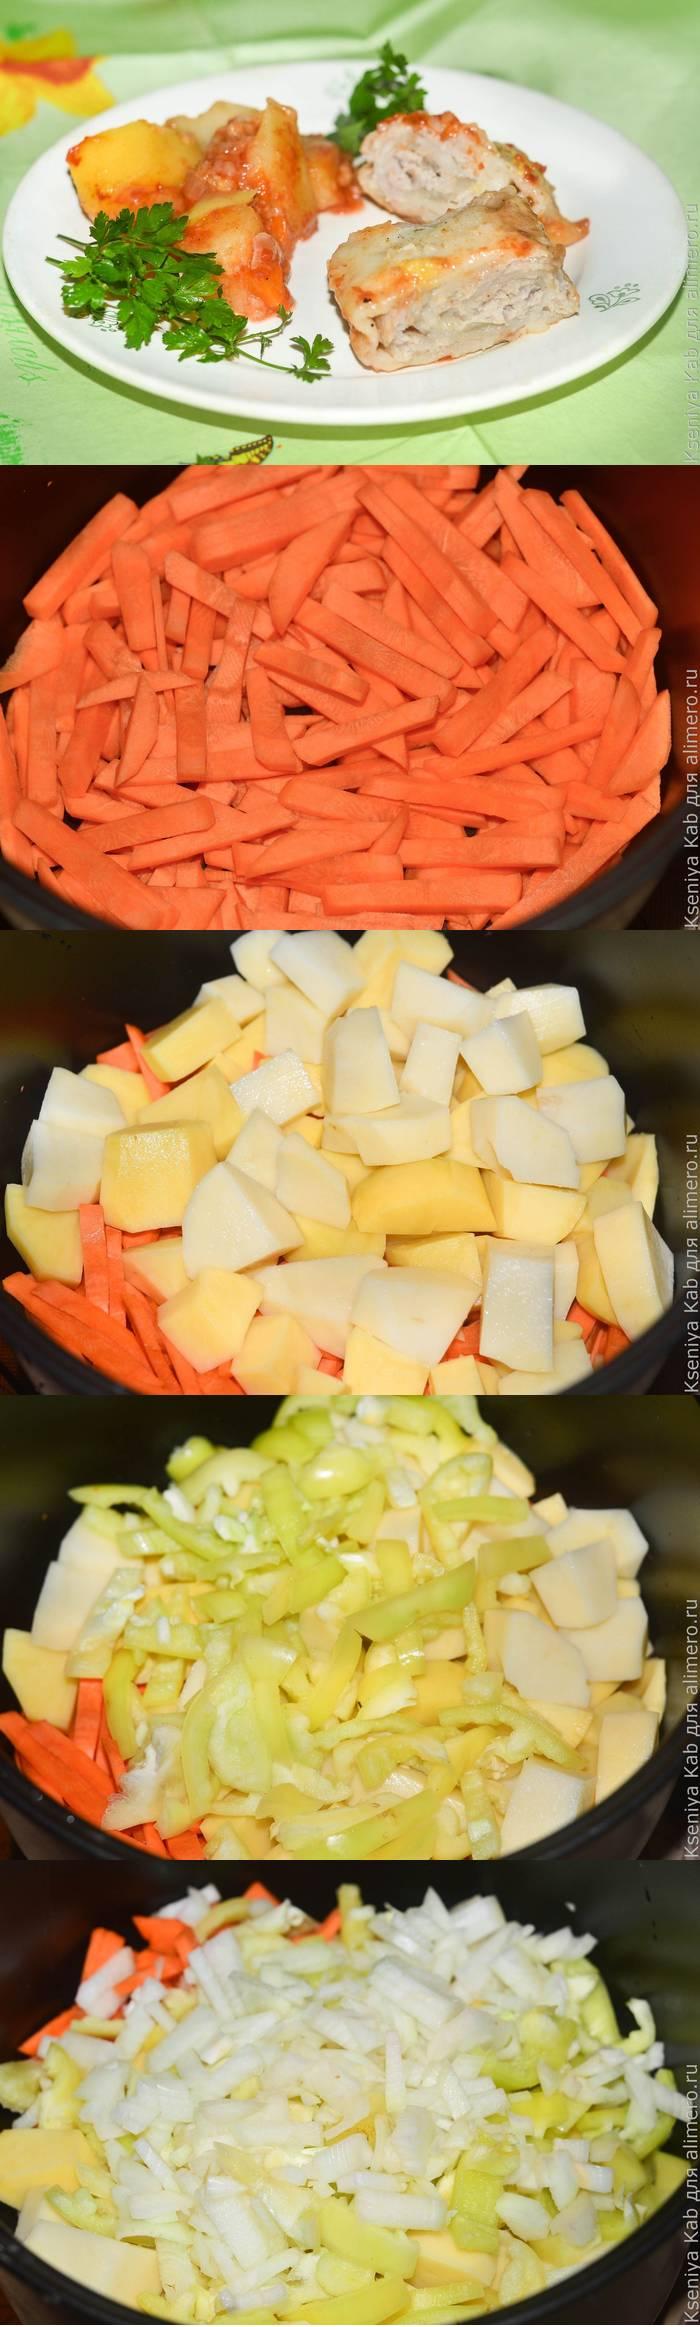 Мясные рулеты в лаваше с овощами в мультиварке